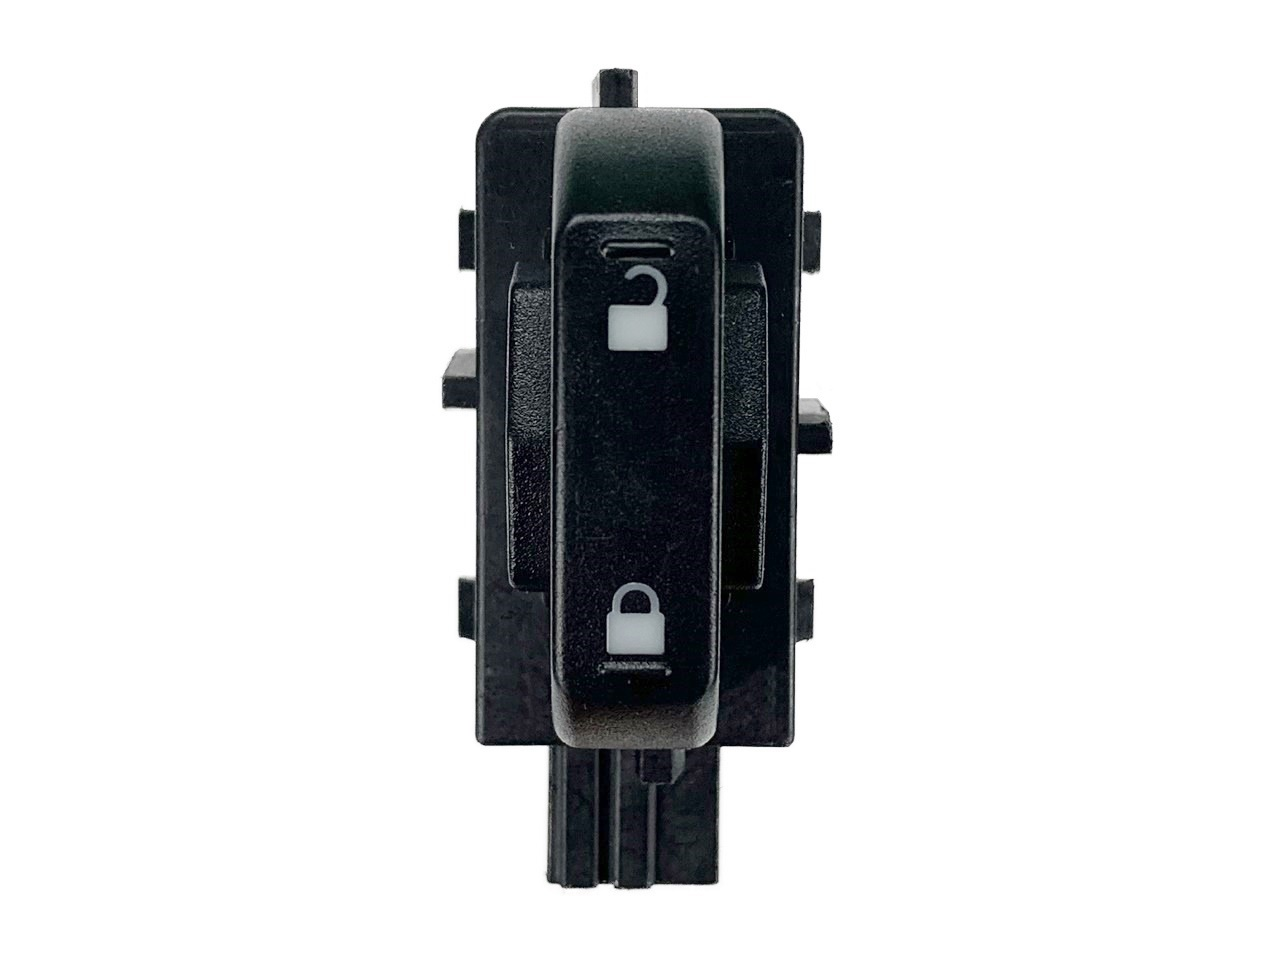 Botão Interruptor de Trava Elétrica de Portas 9e5t14963aaw Ford Fusion 06 07 08 09